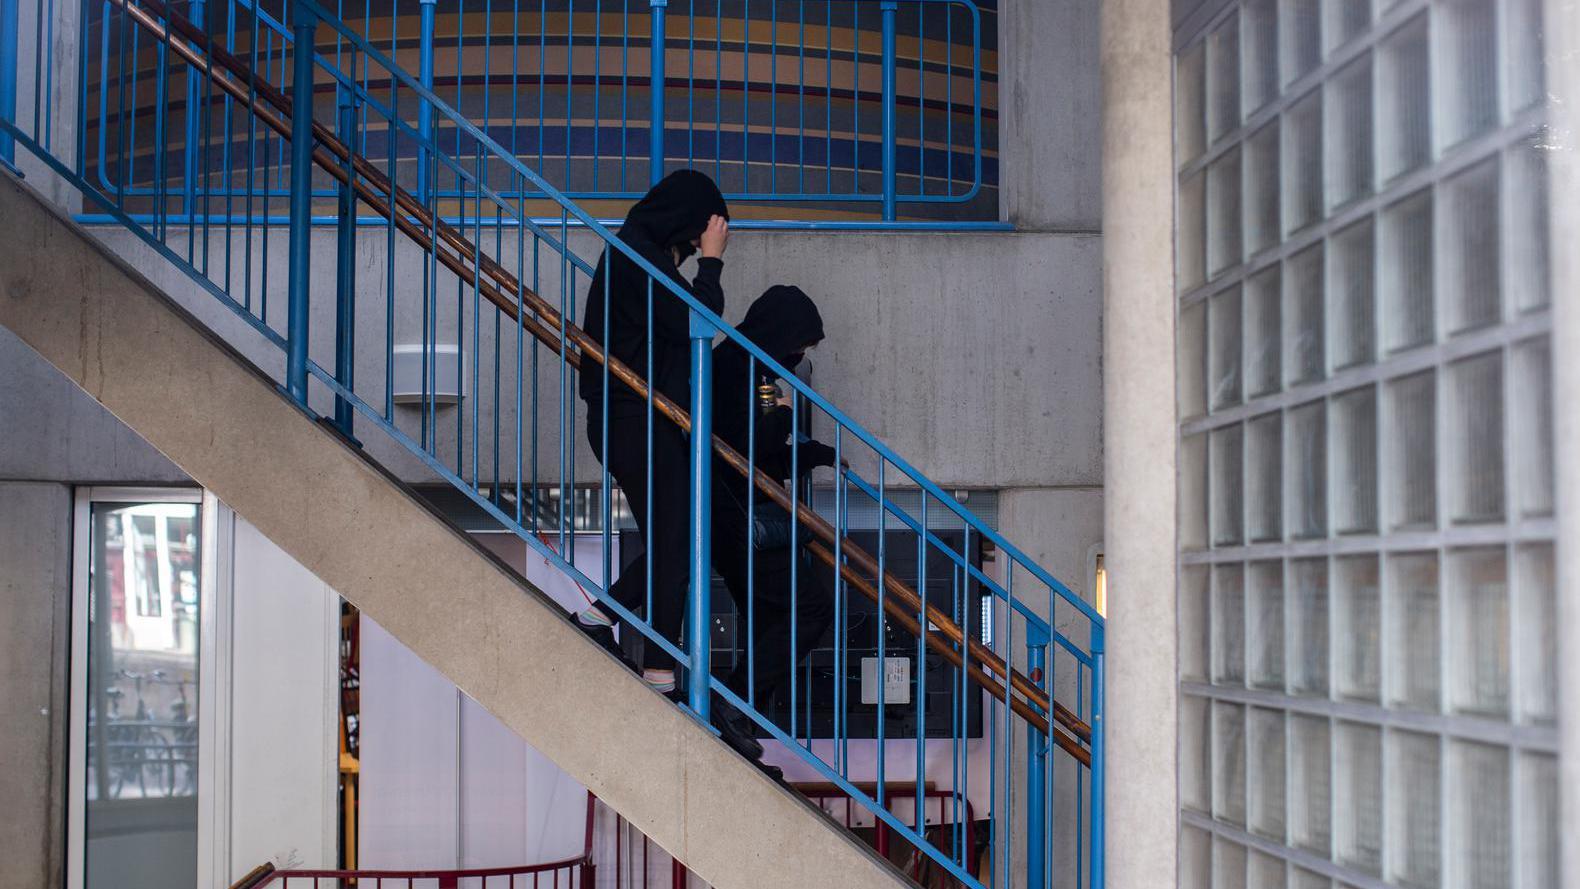 Studenten bezetten P.C. Hoofthuis, UvA doet aangifte